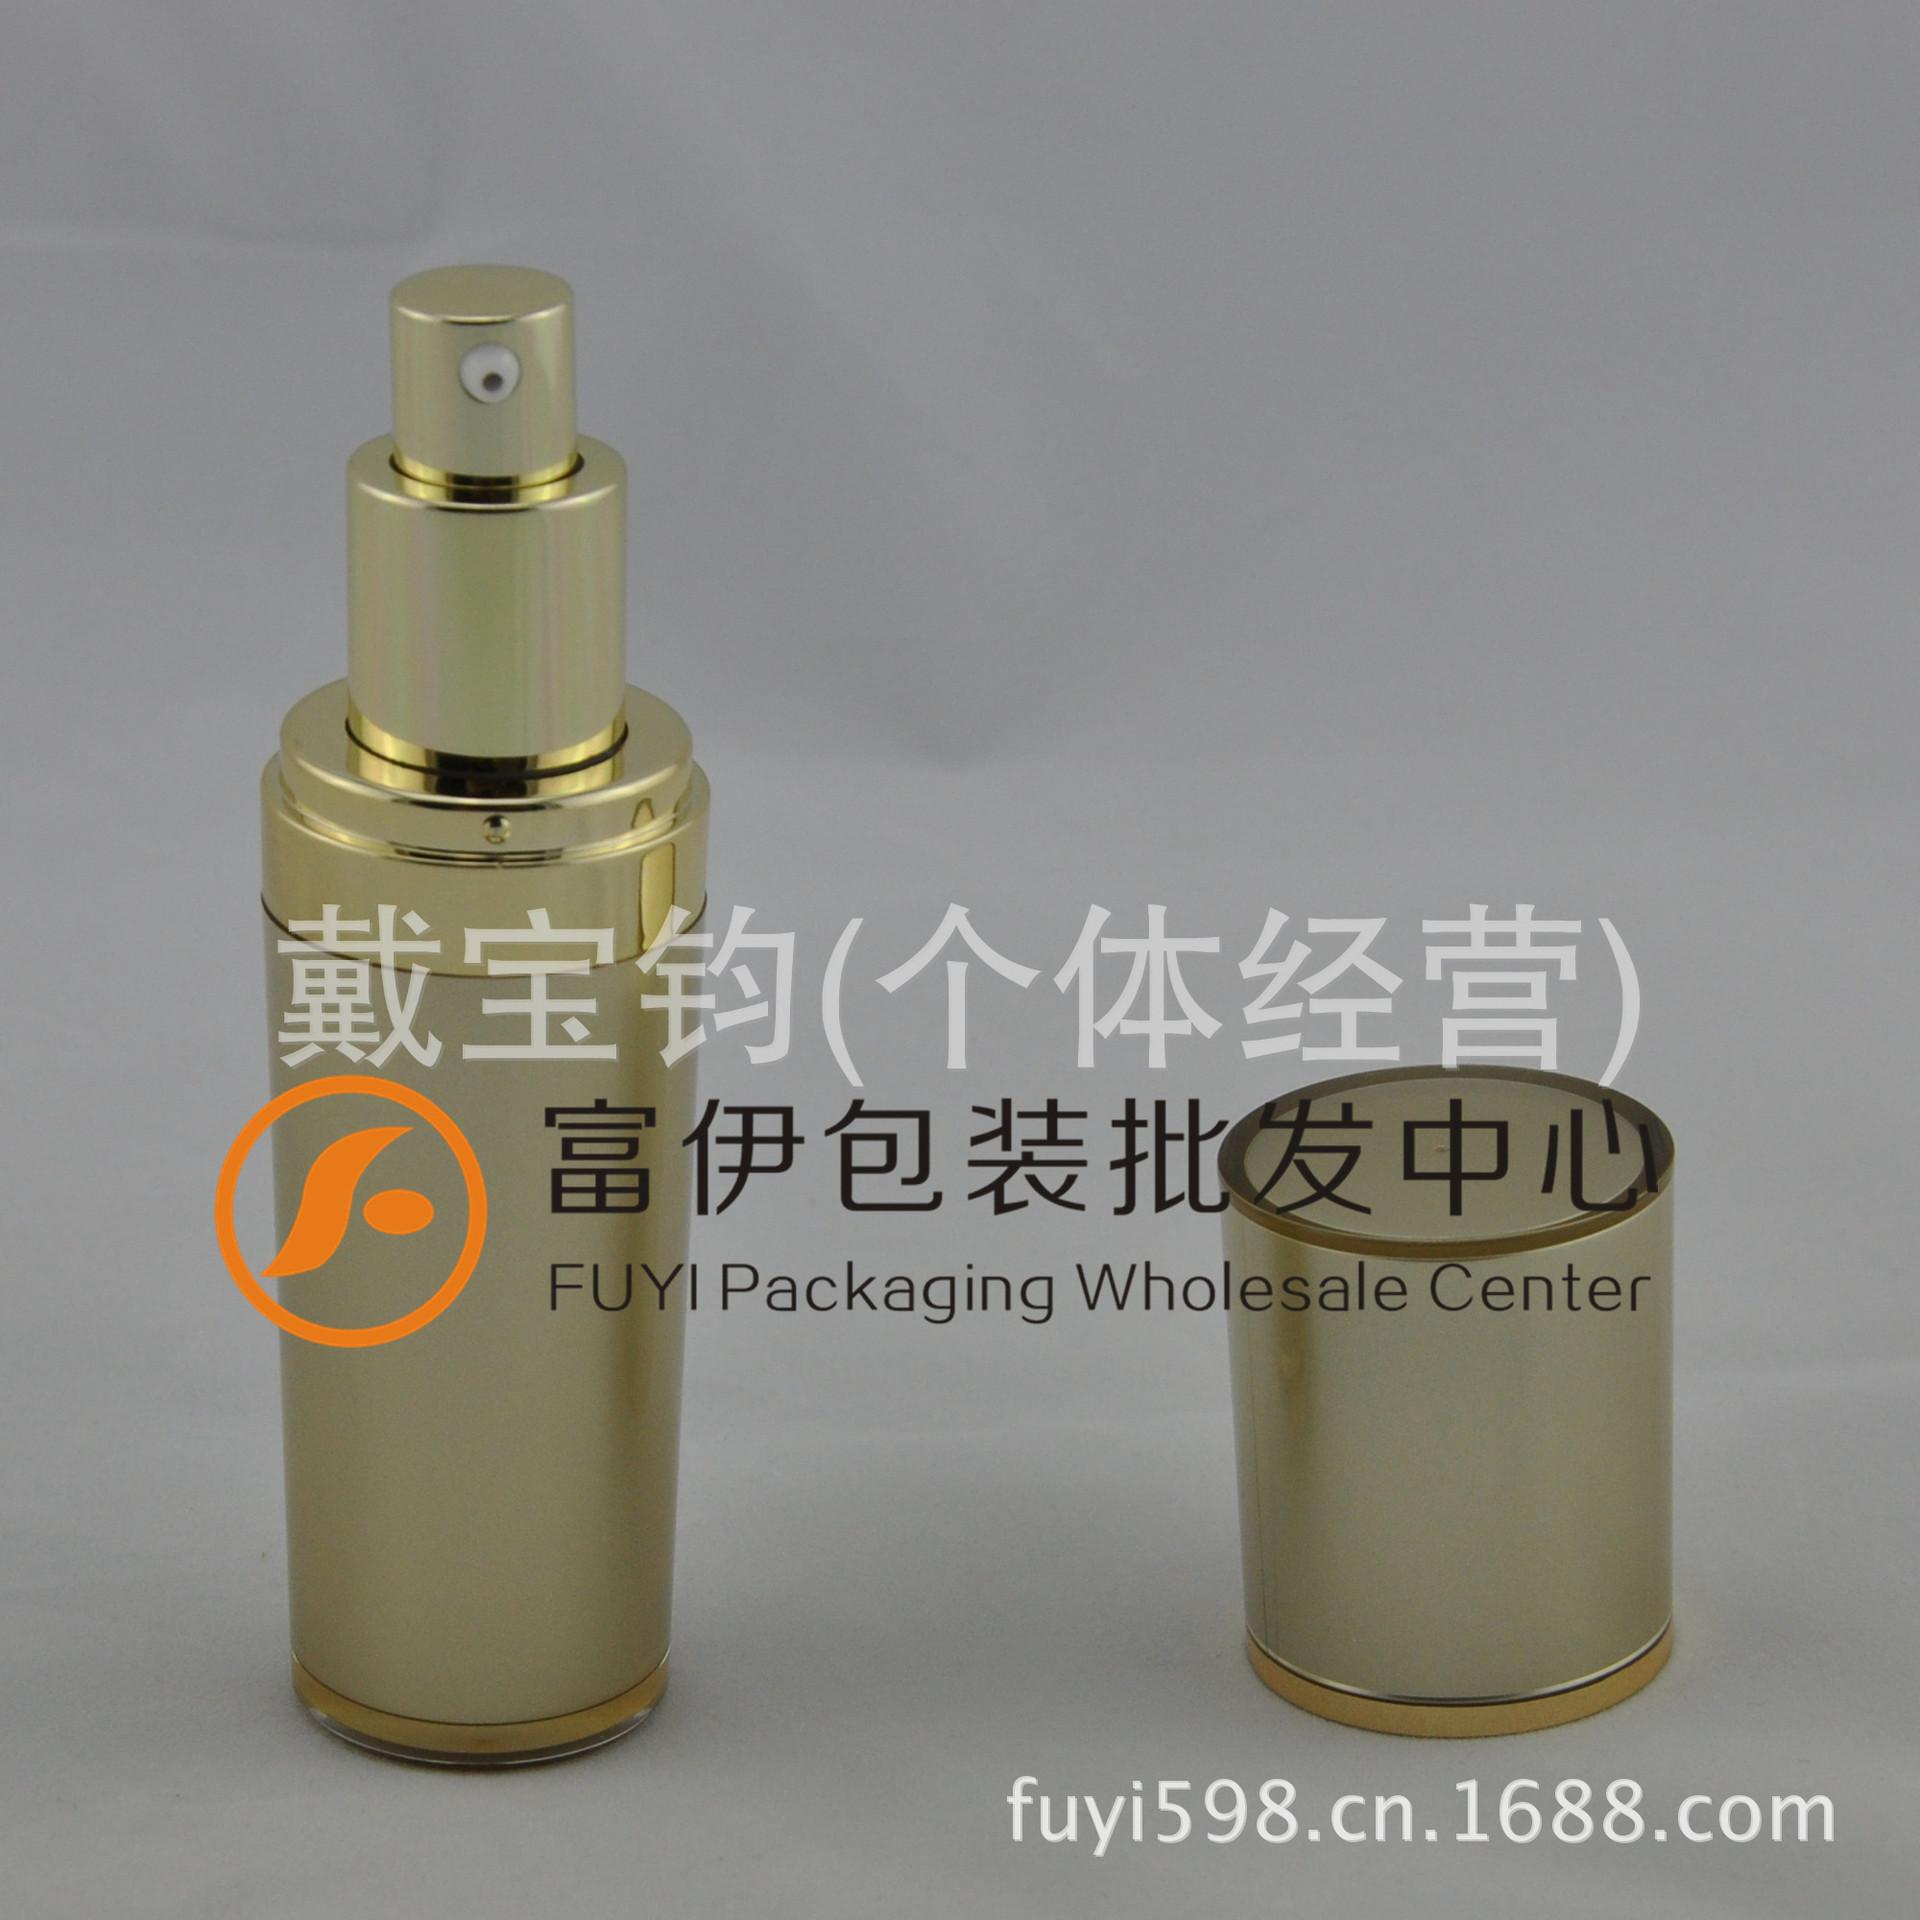 美容工具 化妆品包装美容工具亚克力锥形瓶金色 珠光白30ml现货批发图片